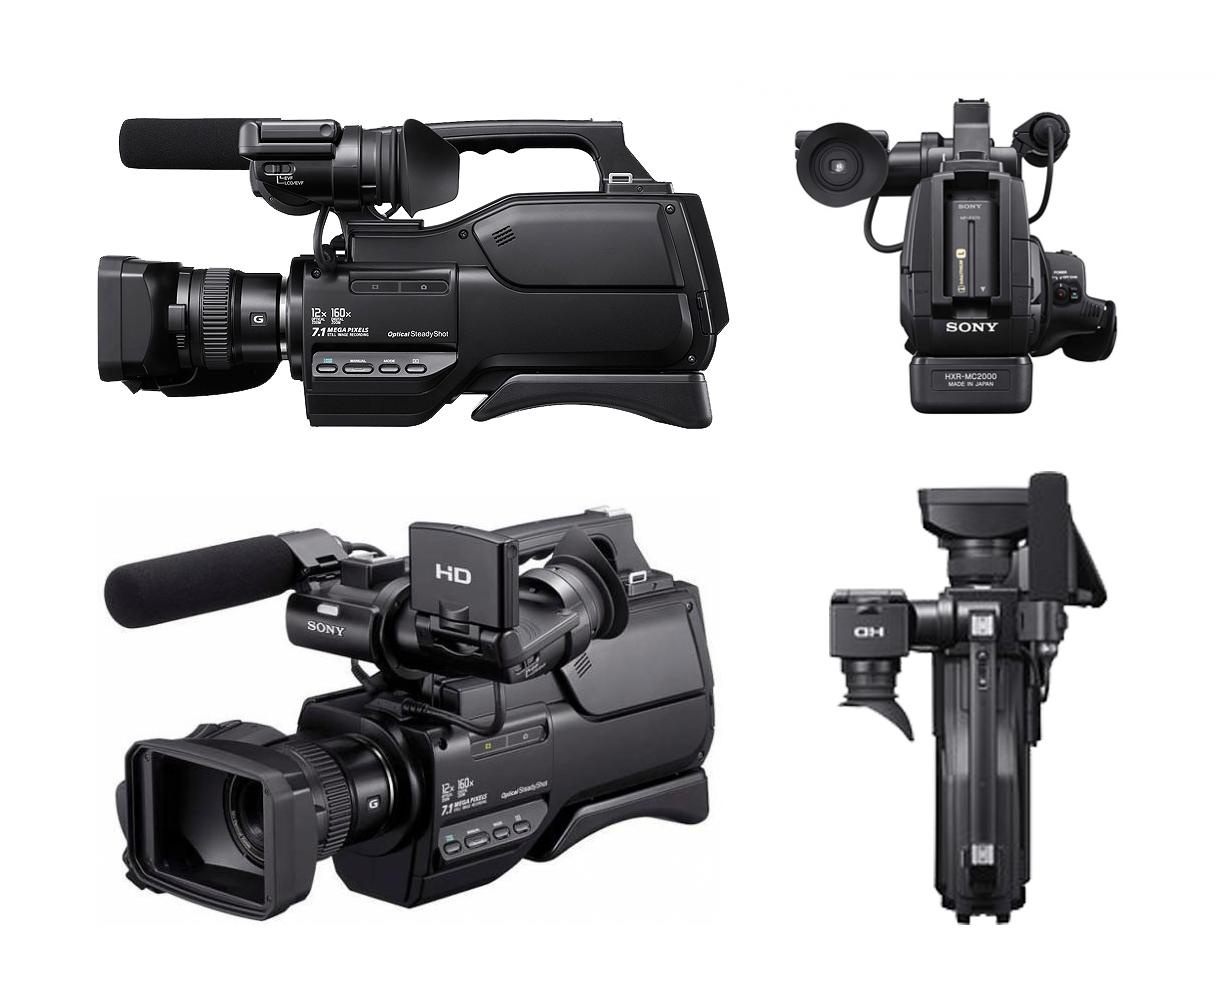 Di sini kami menggunakan kamera Sony HXR-MC 1500P Full HD